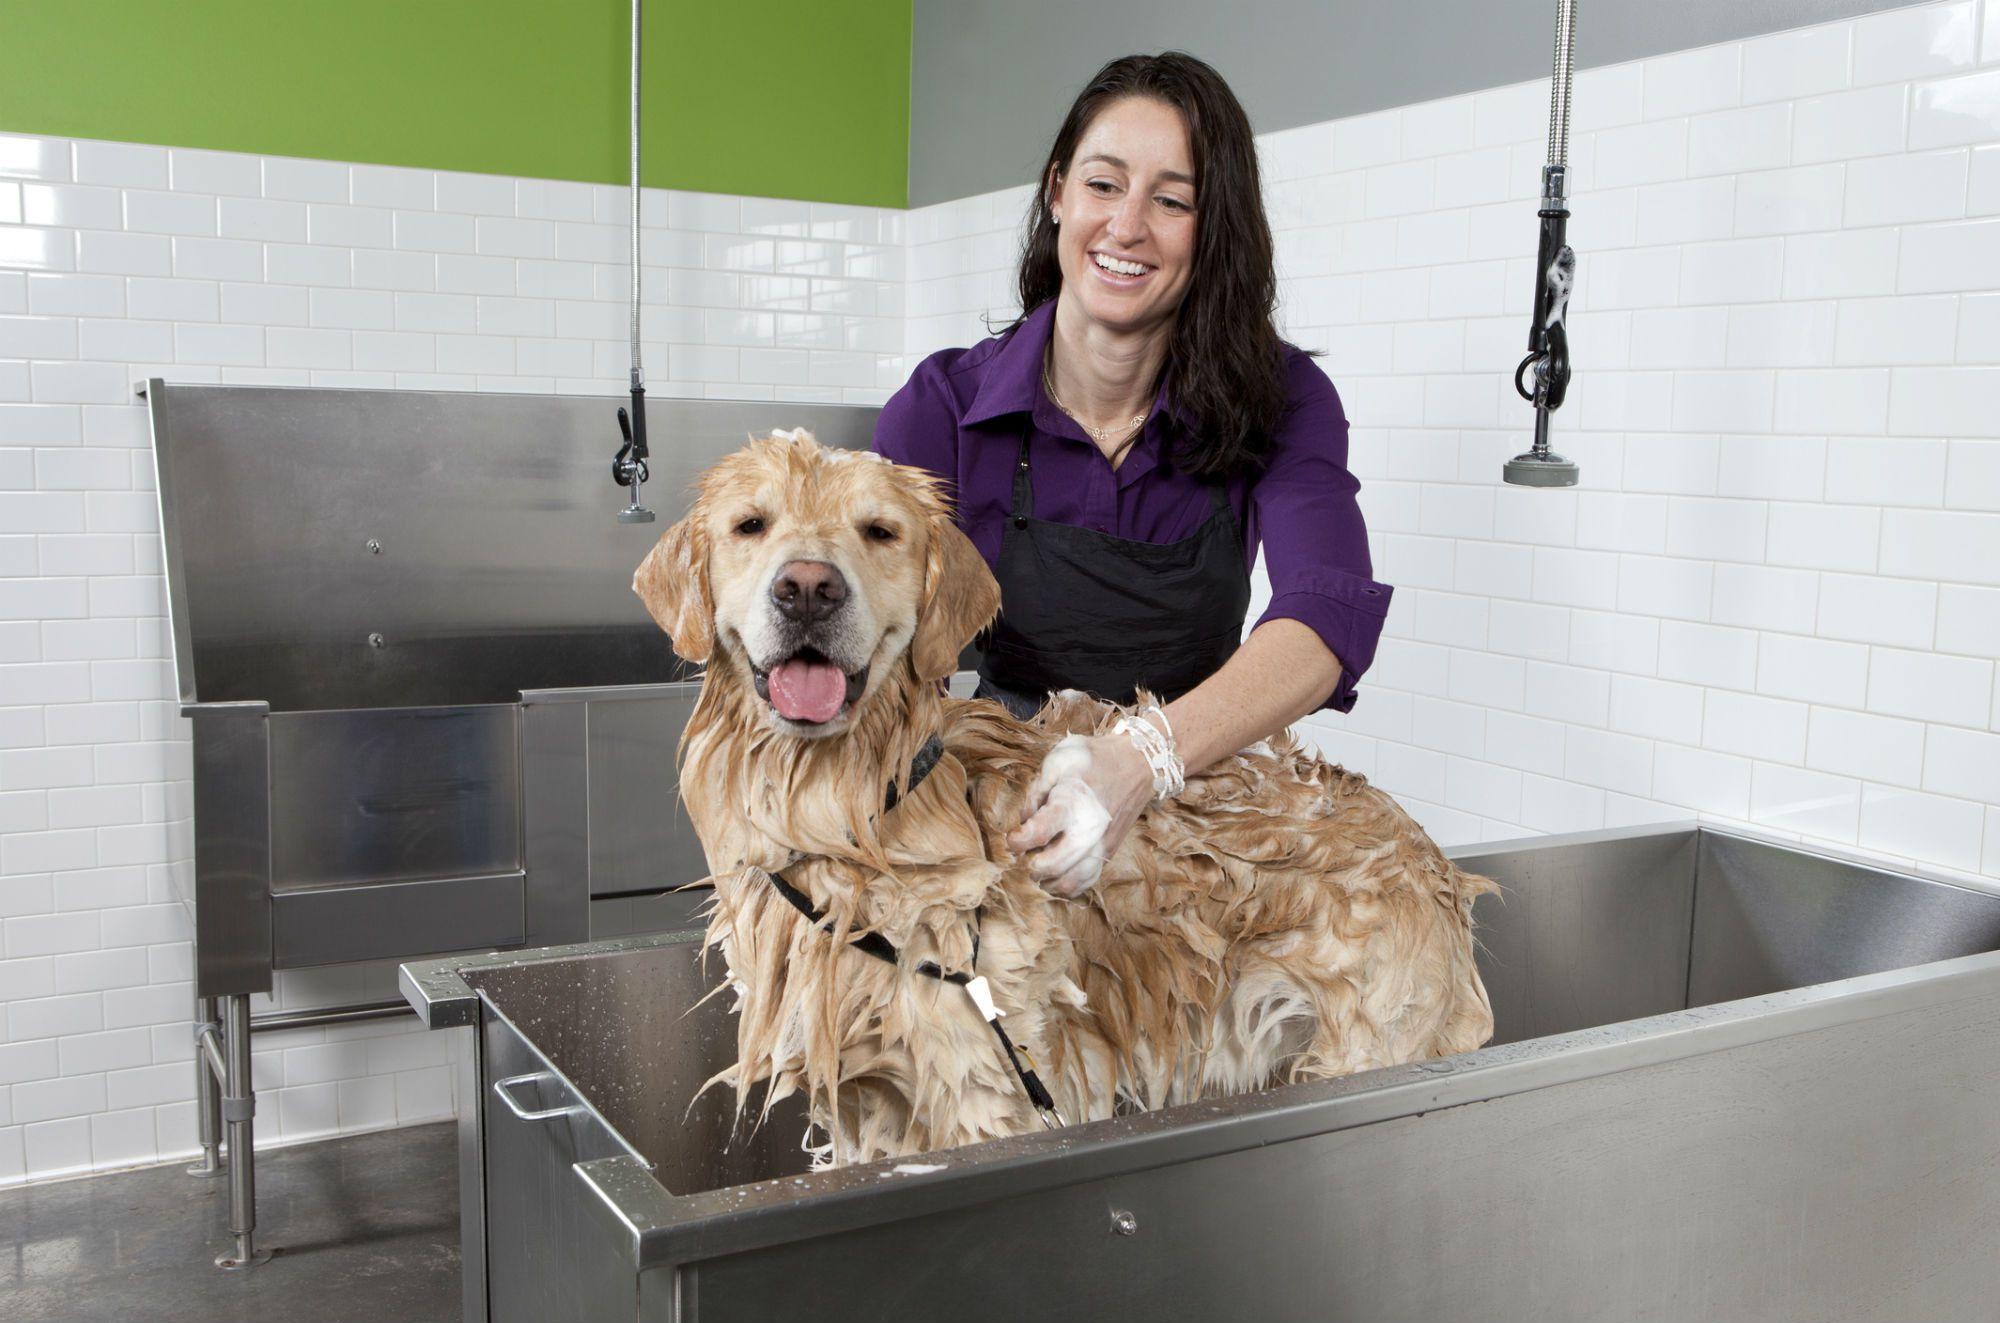 U Bathe Em Dog Wash